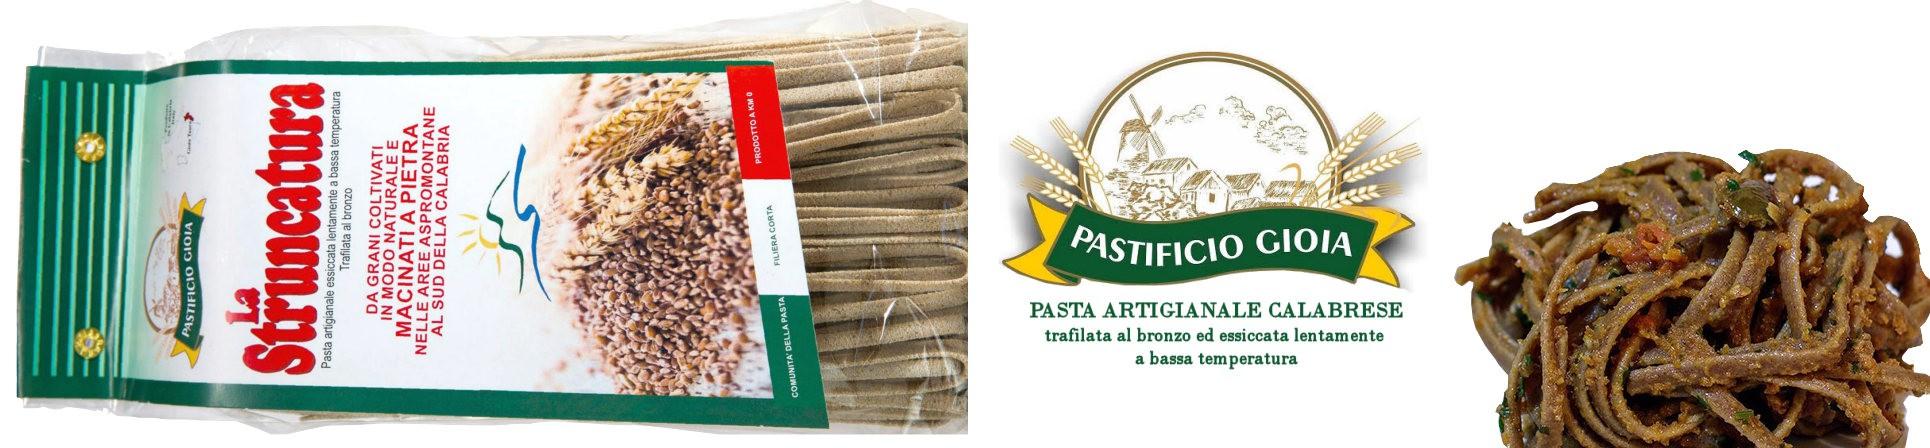 Pasta artigianale La Struncatura vendita online - PASTIFICIO GIOIA